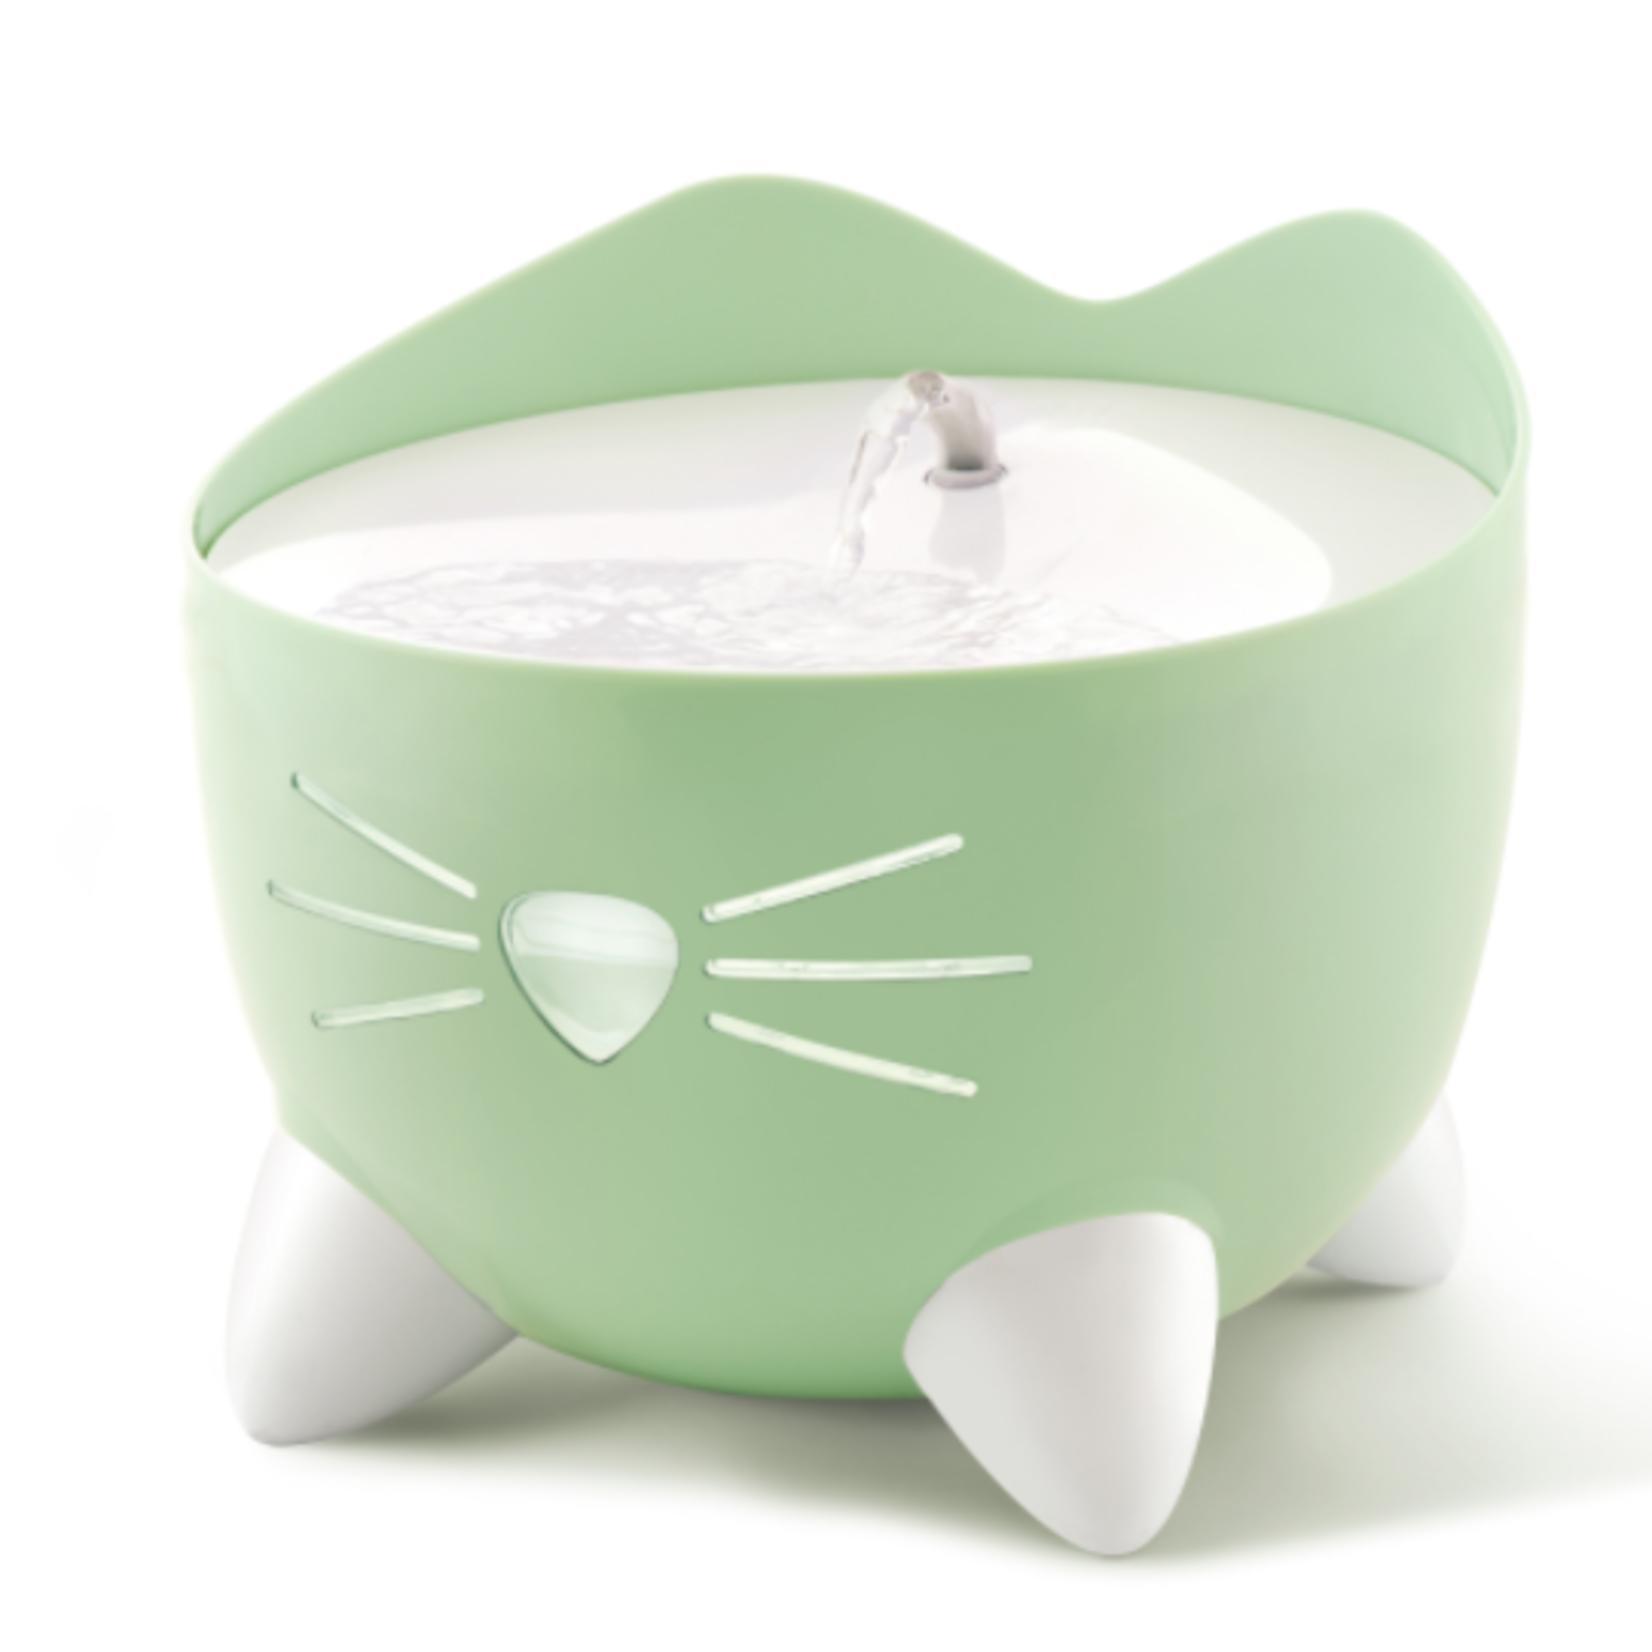 Catit PIXI Fountain - Mint Green - 2.5 L